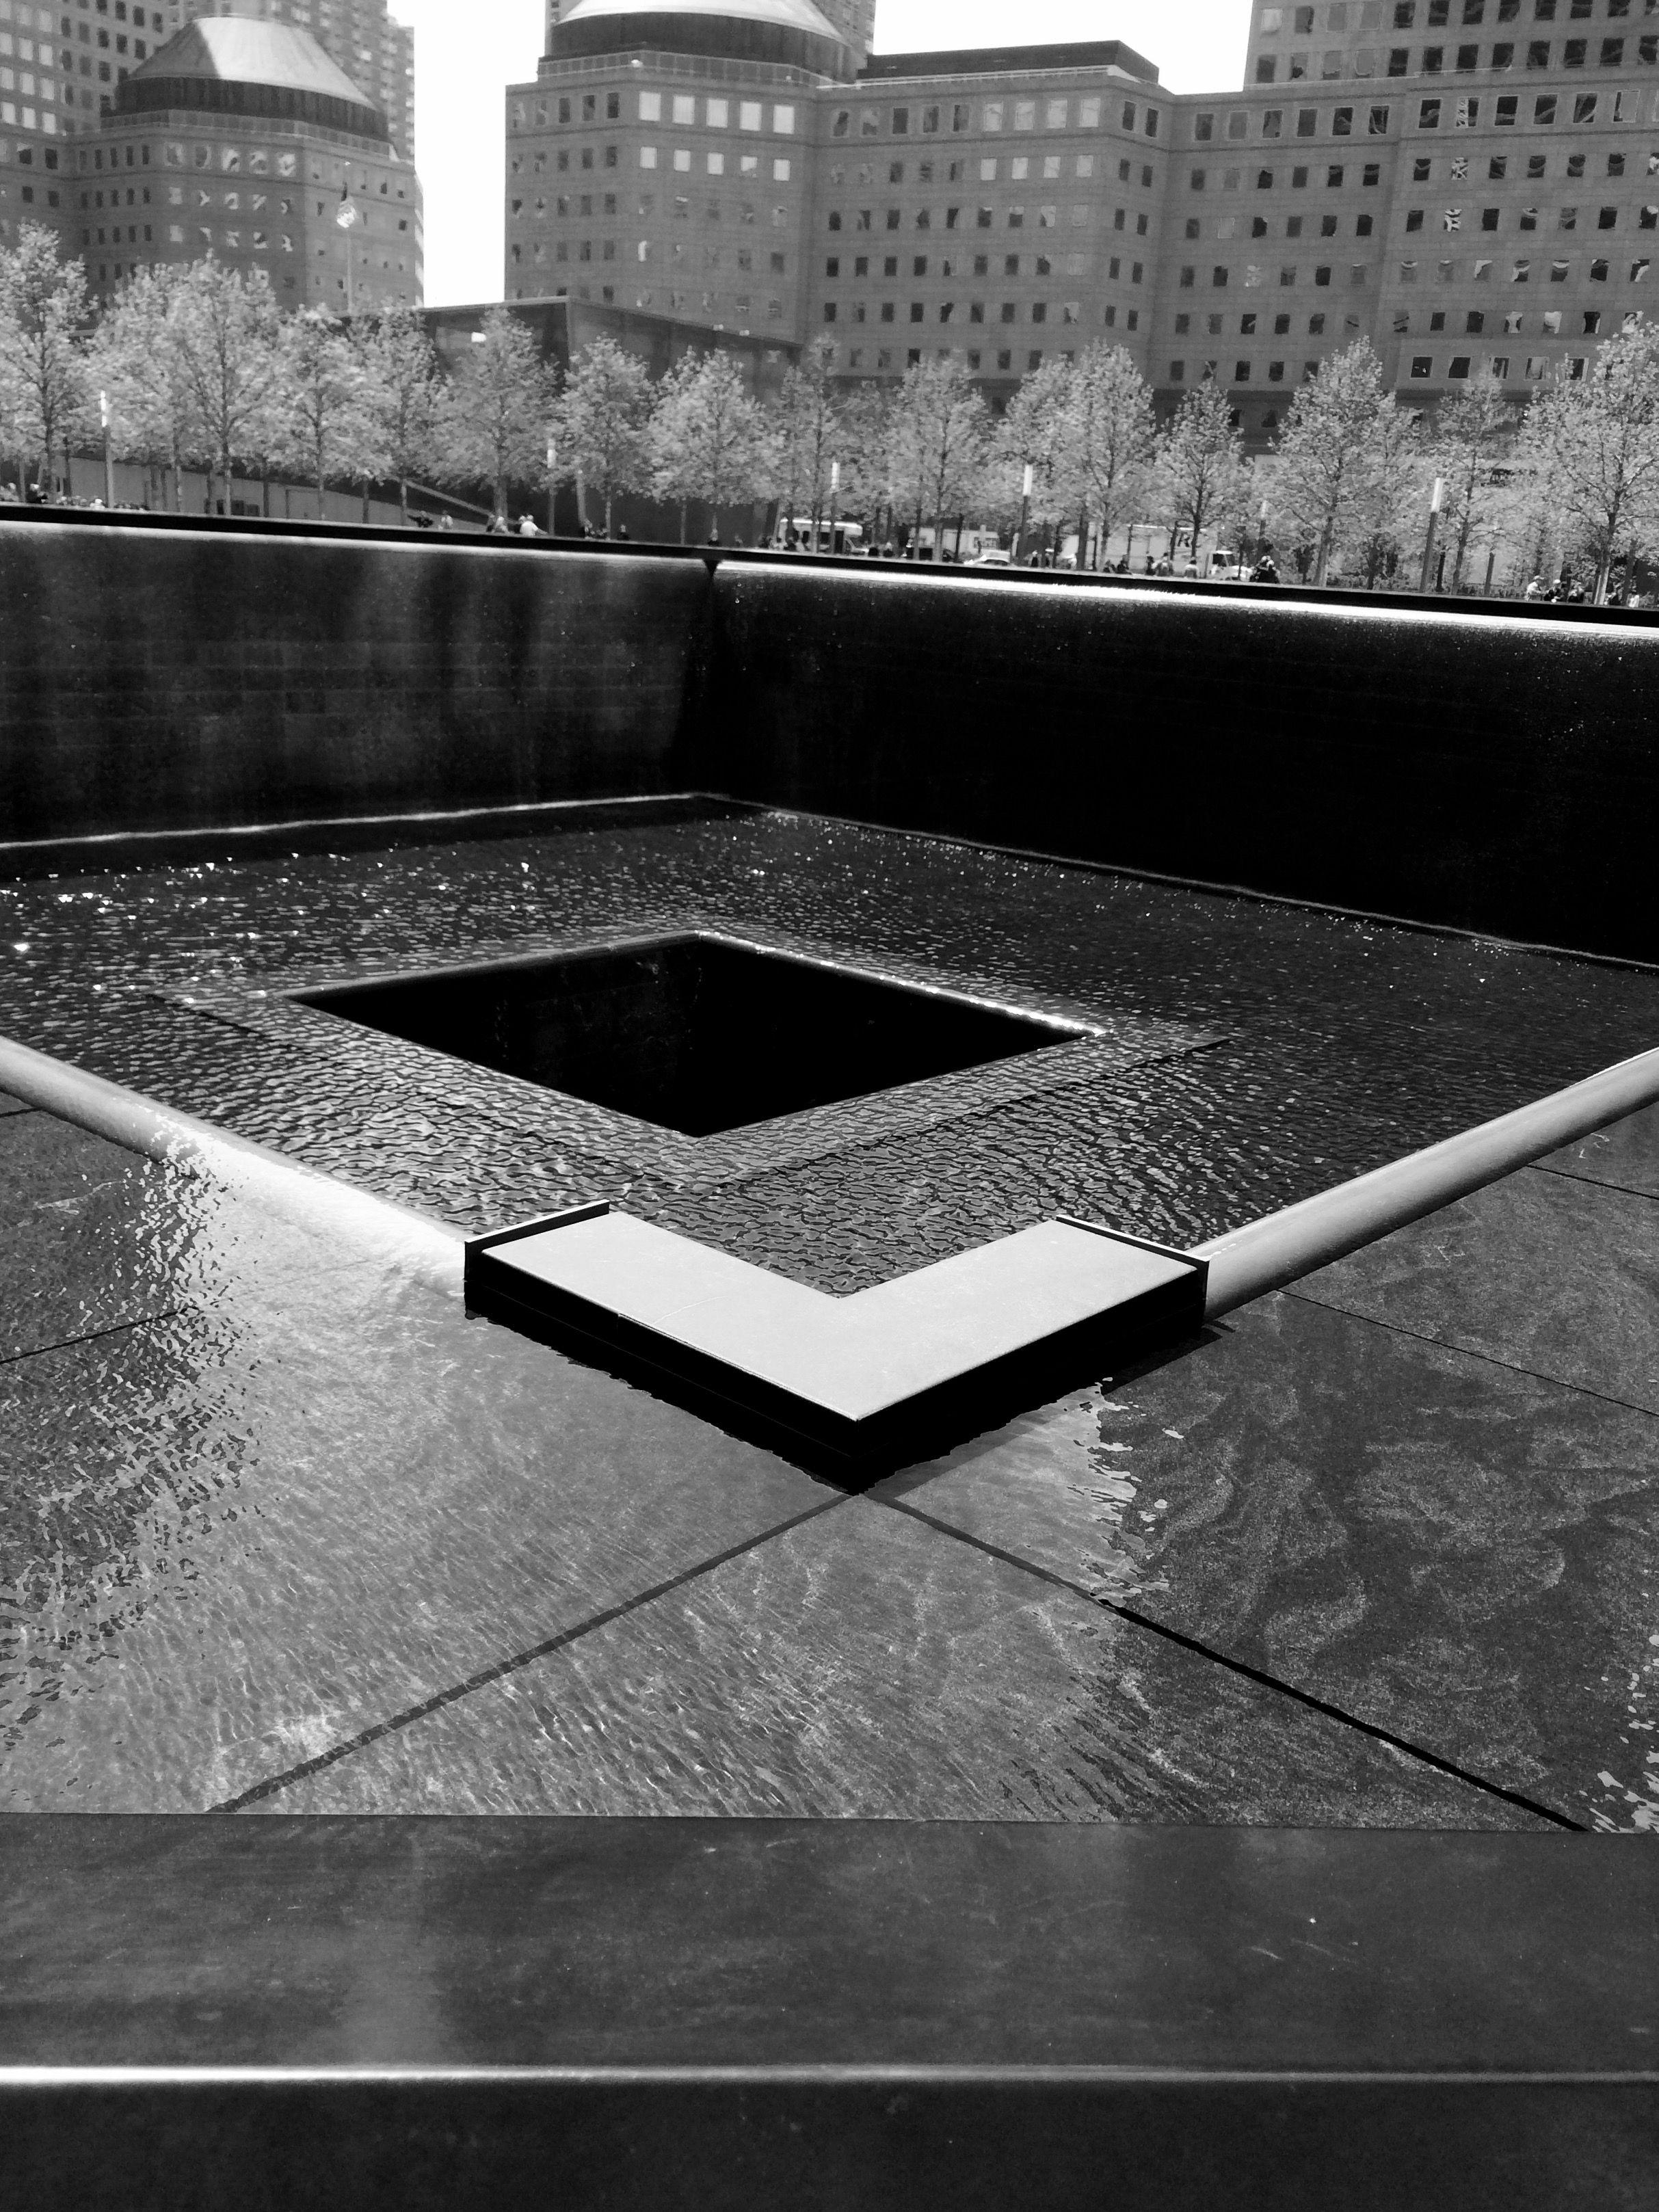 National 11 September Memorial